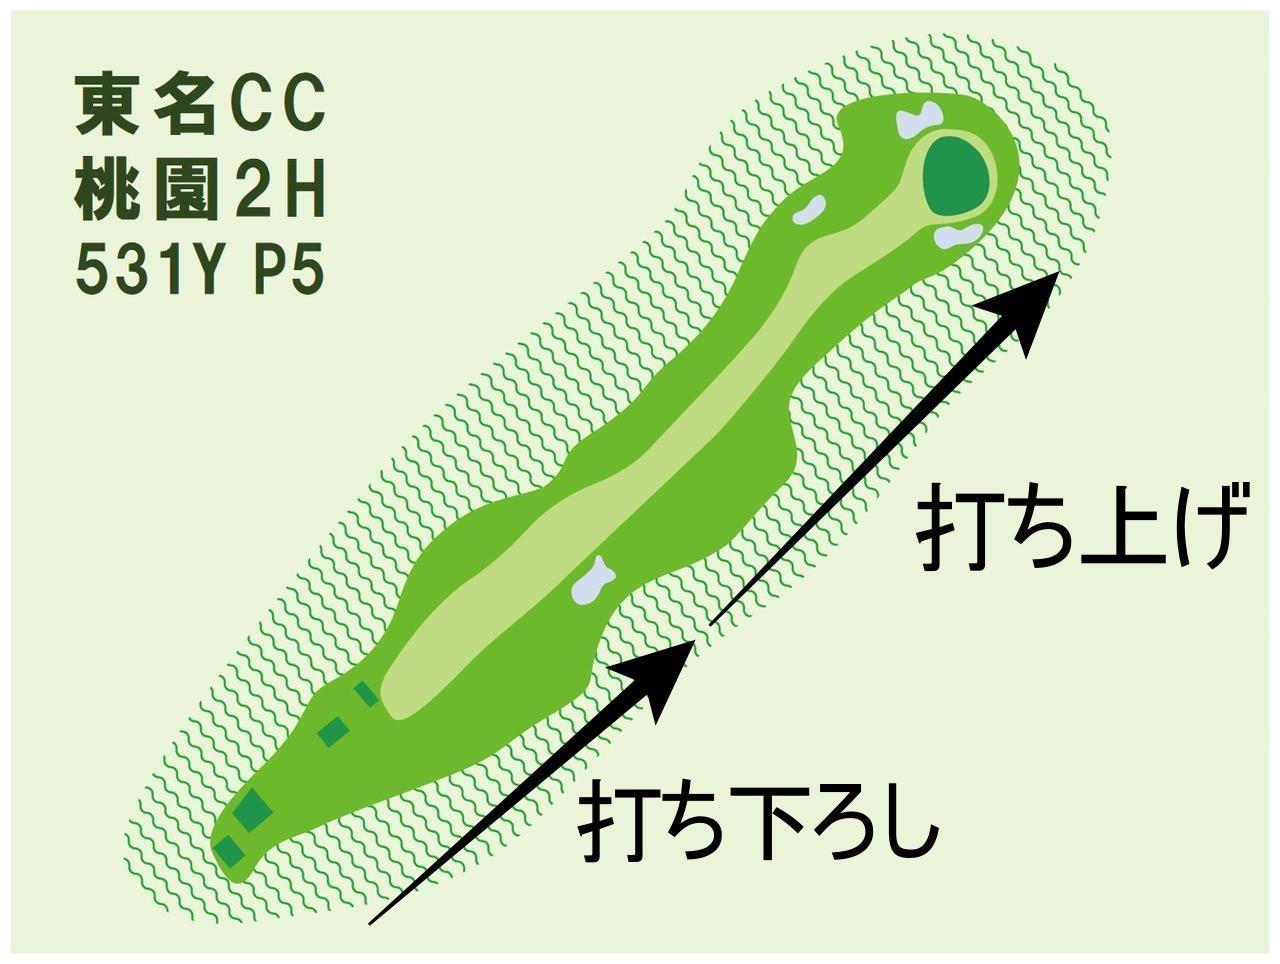 画像: ティショットは打ち下ろしだが、2打目以降はグリーンまで打ち上げが続くパー5。左足上がりからの3打目はグリーン面が見えず距離感が掴みにくい